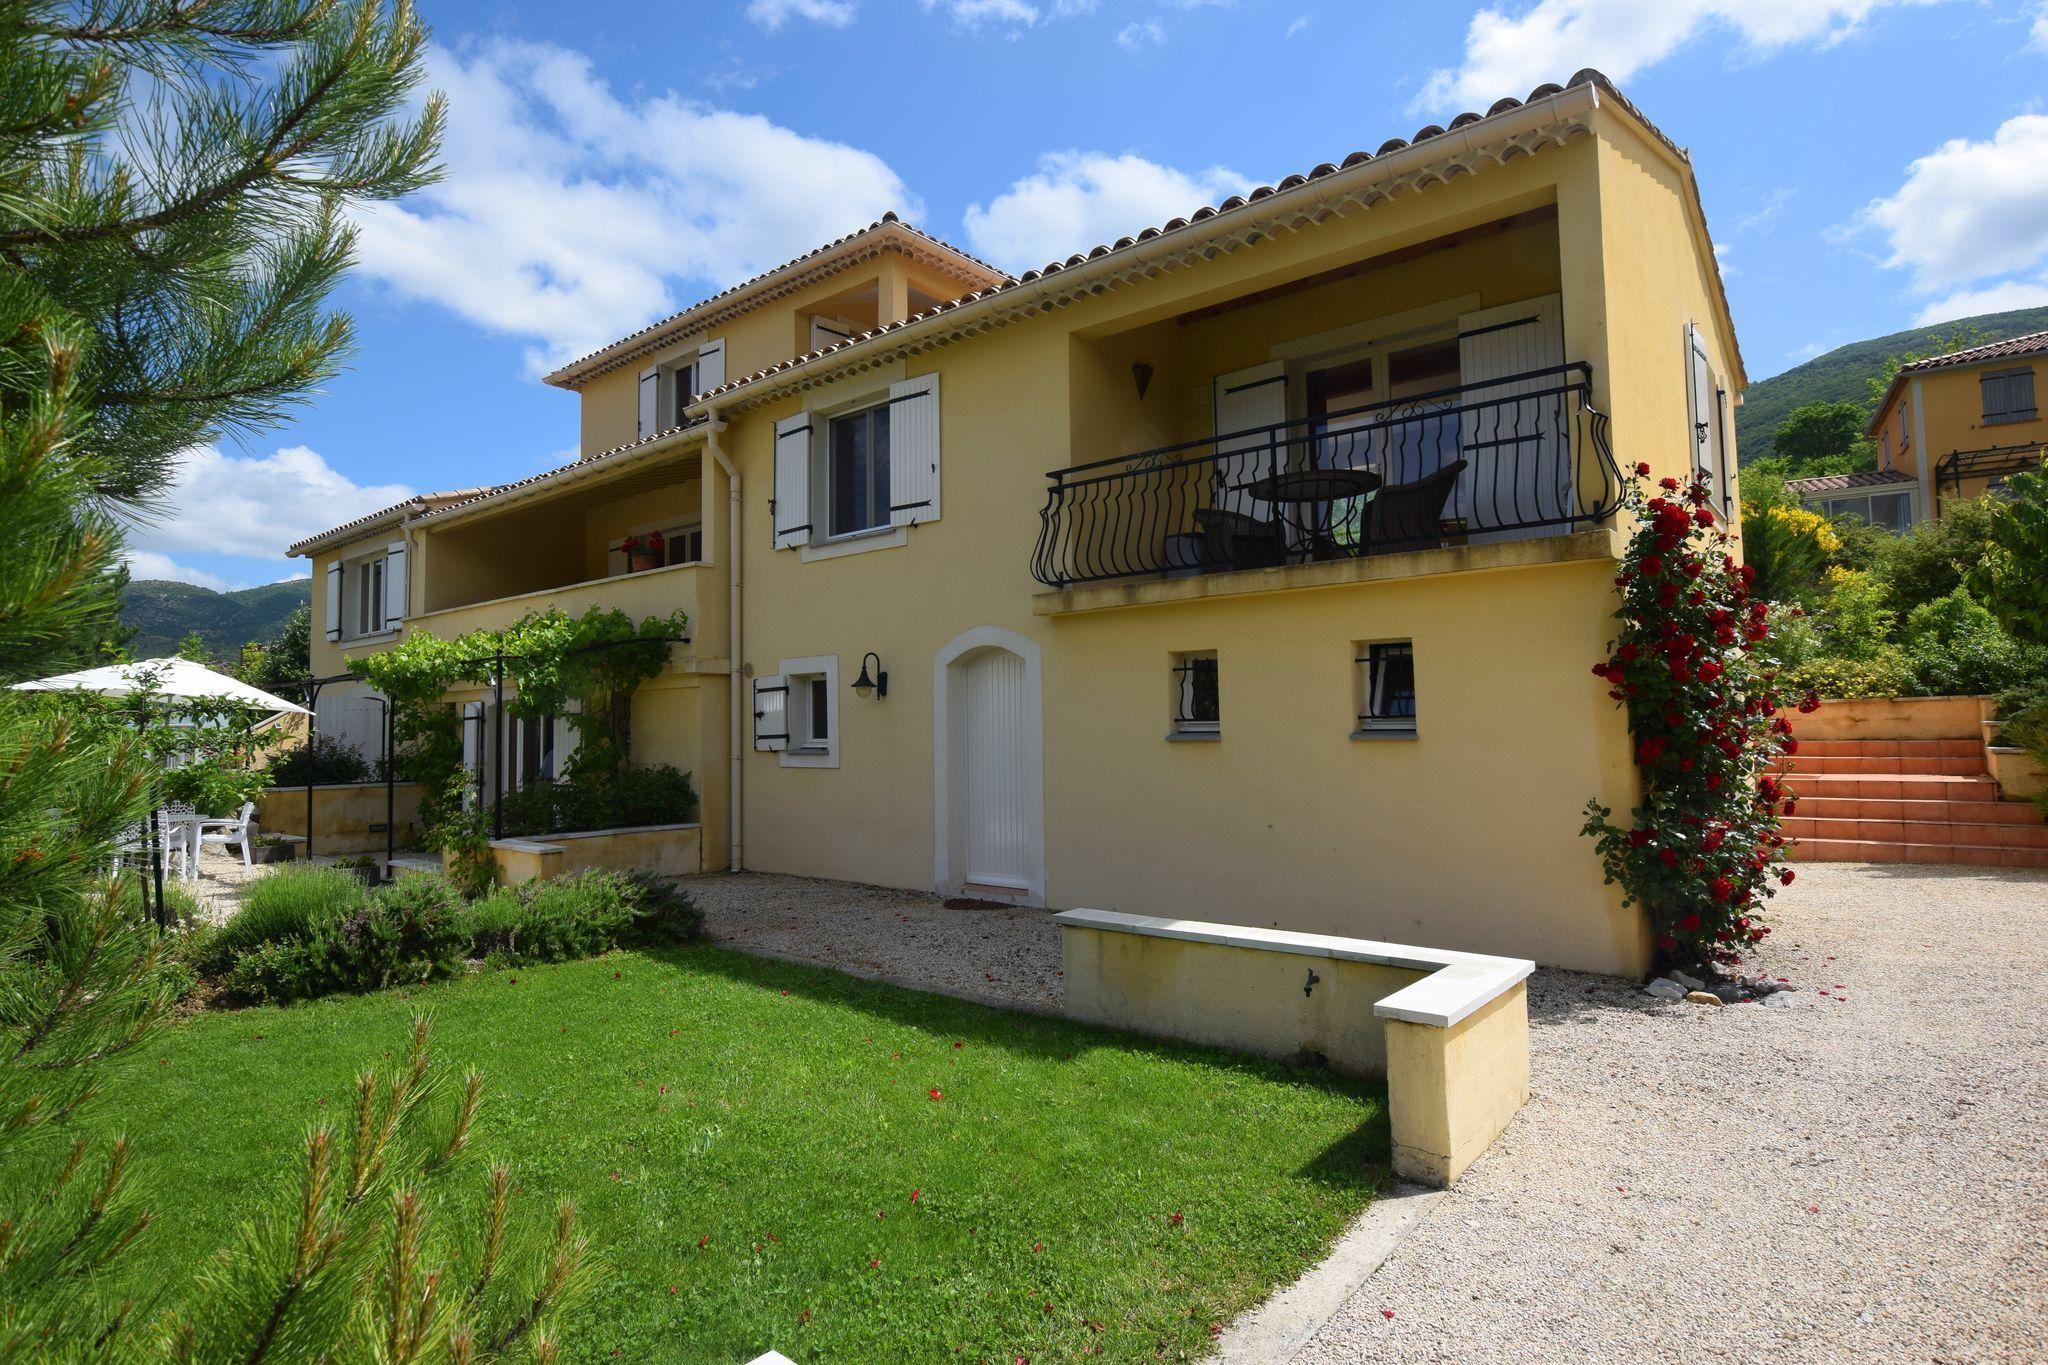 Alojamiento con balcón en Montbrun-les-bains